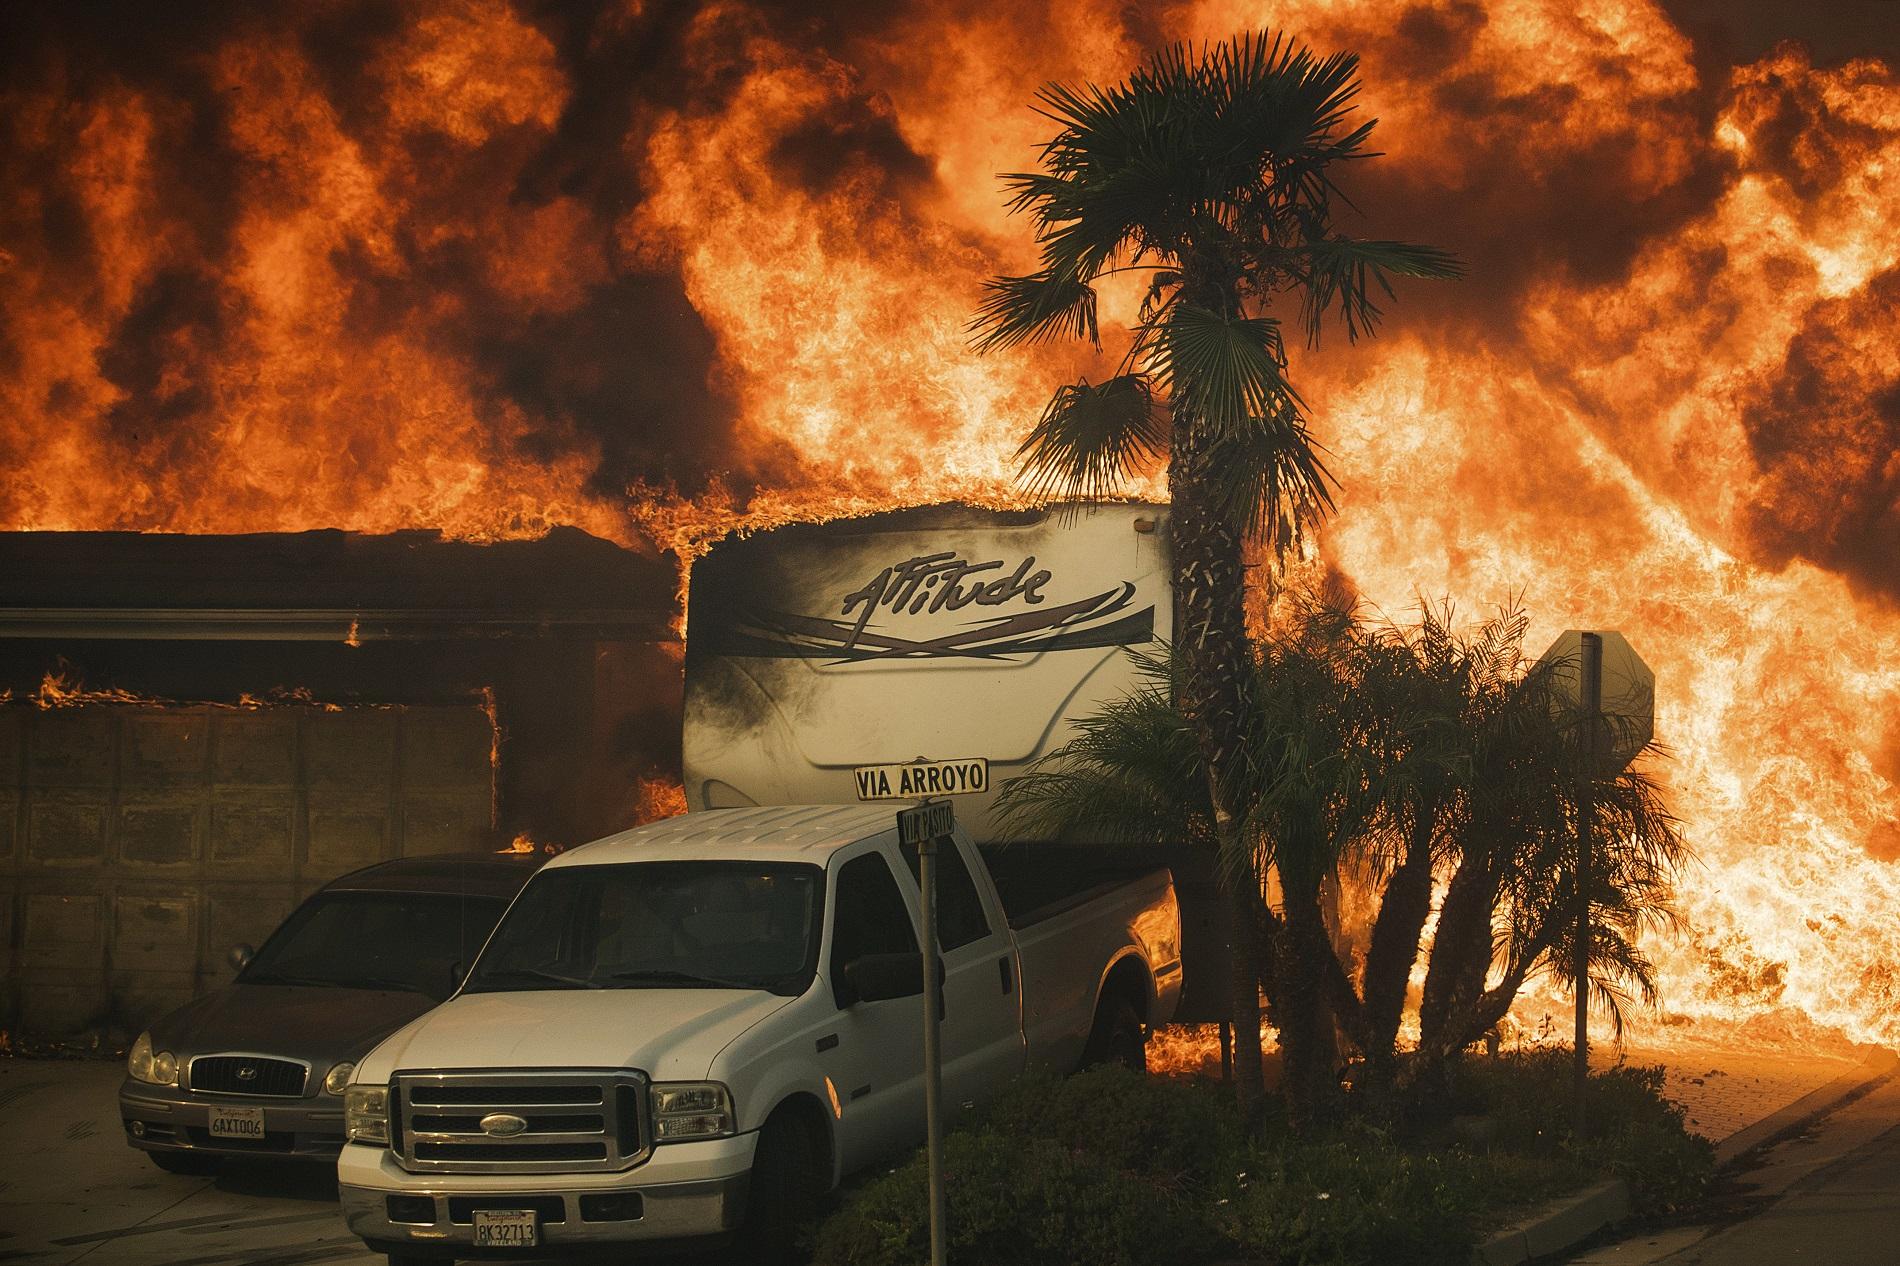 Resultado de imagen para INCENDIOS EN VENTURA,CALIFORNIA